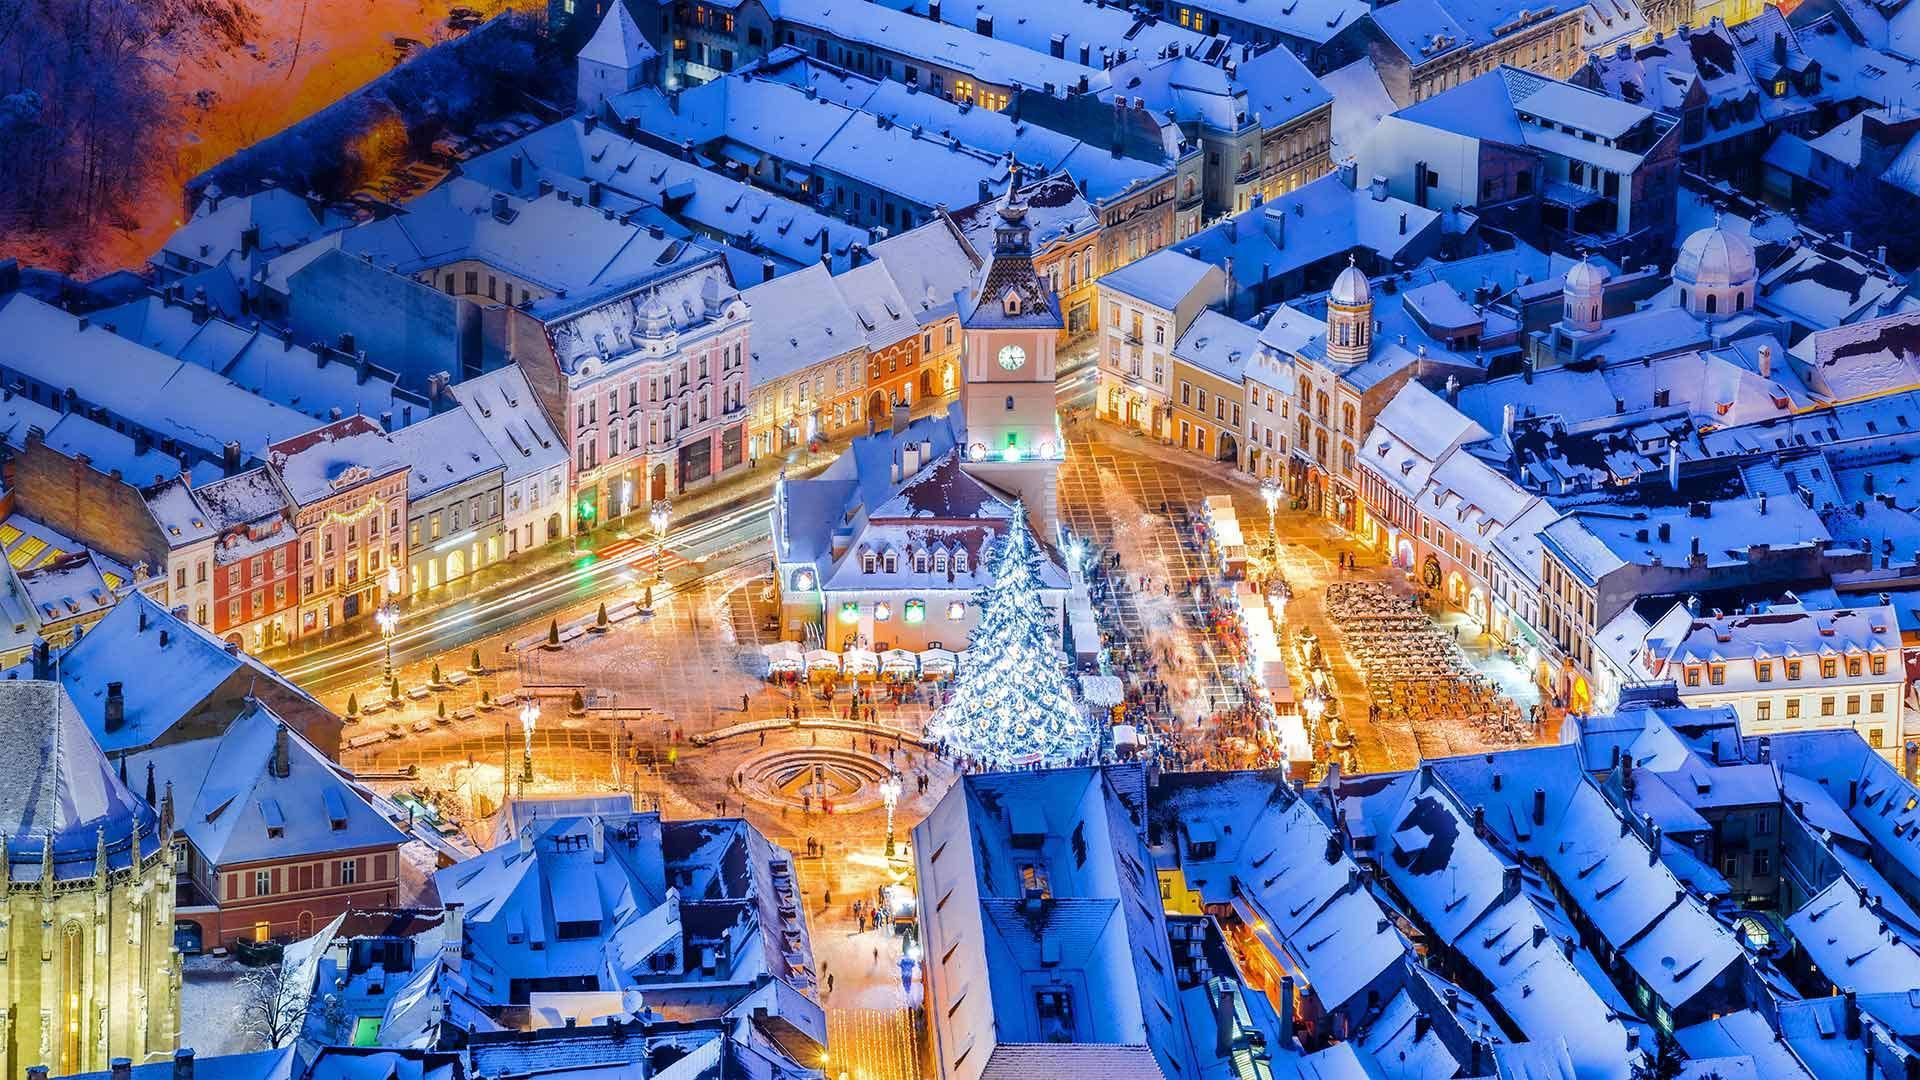 布拉索夫中央广场的圣诞市集布拉索夫中央广场